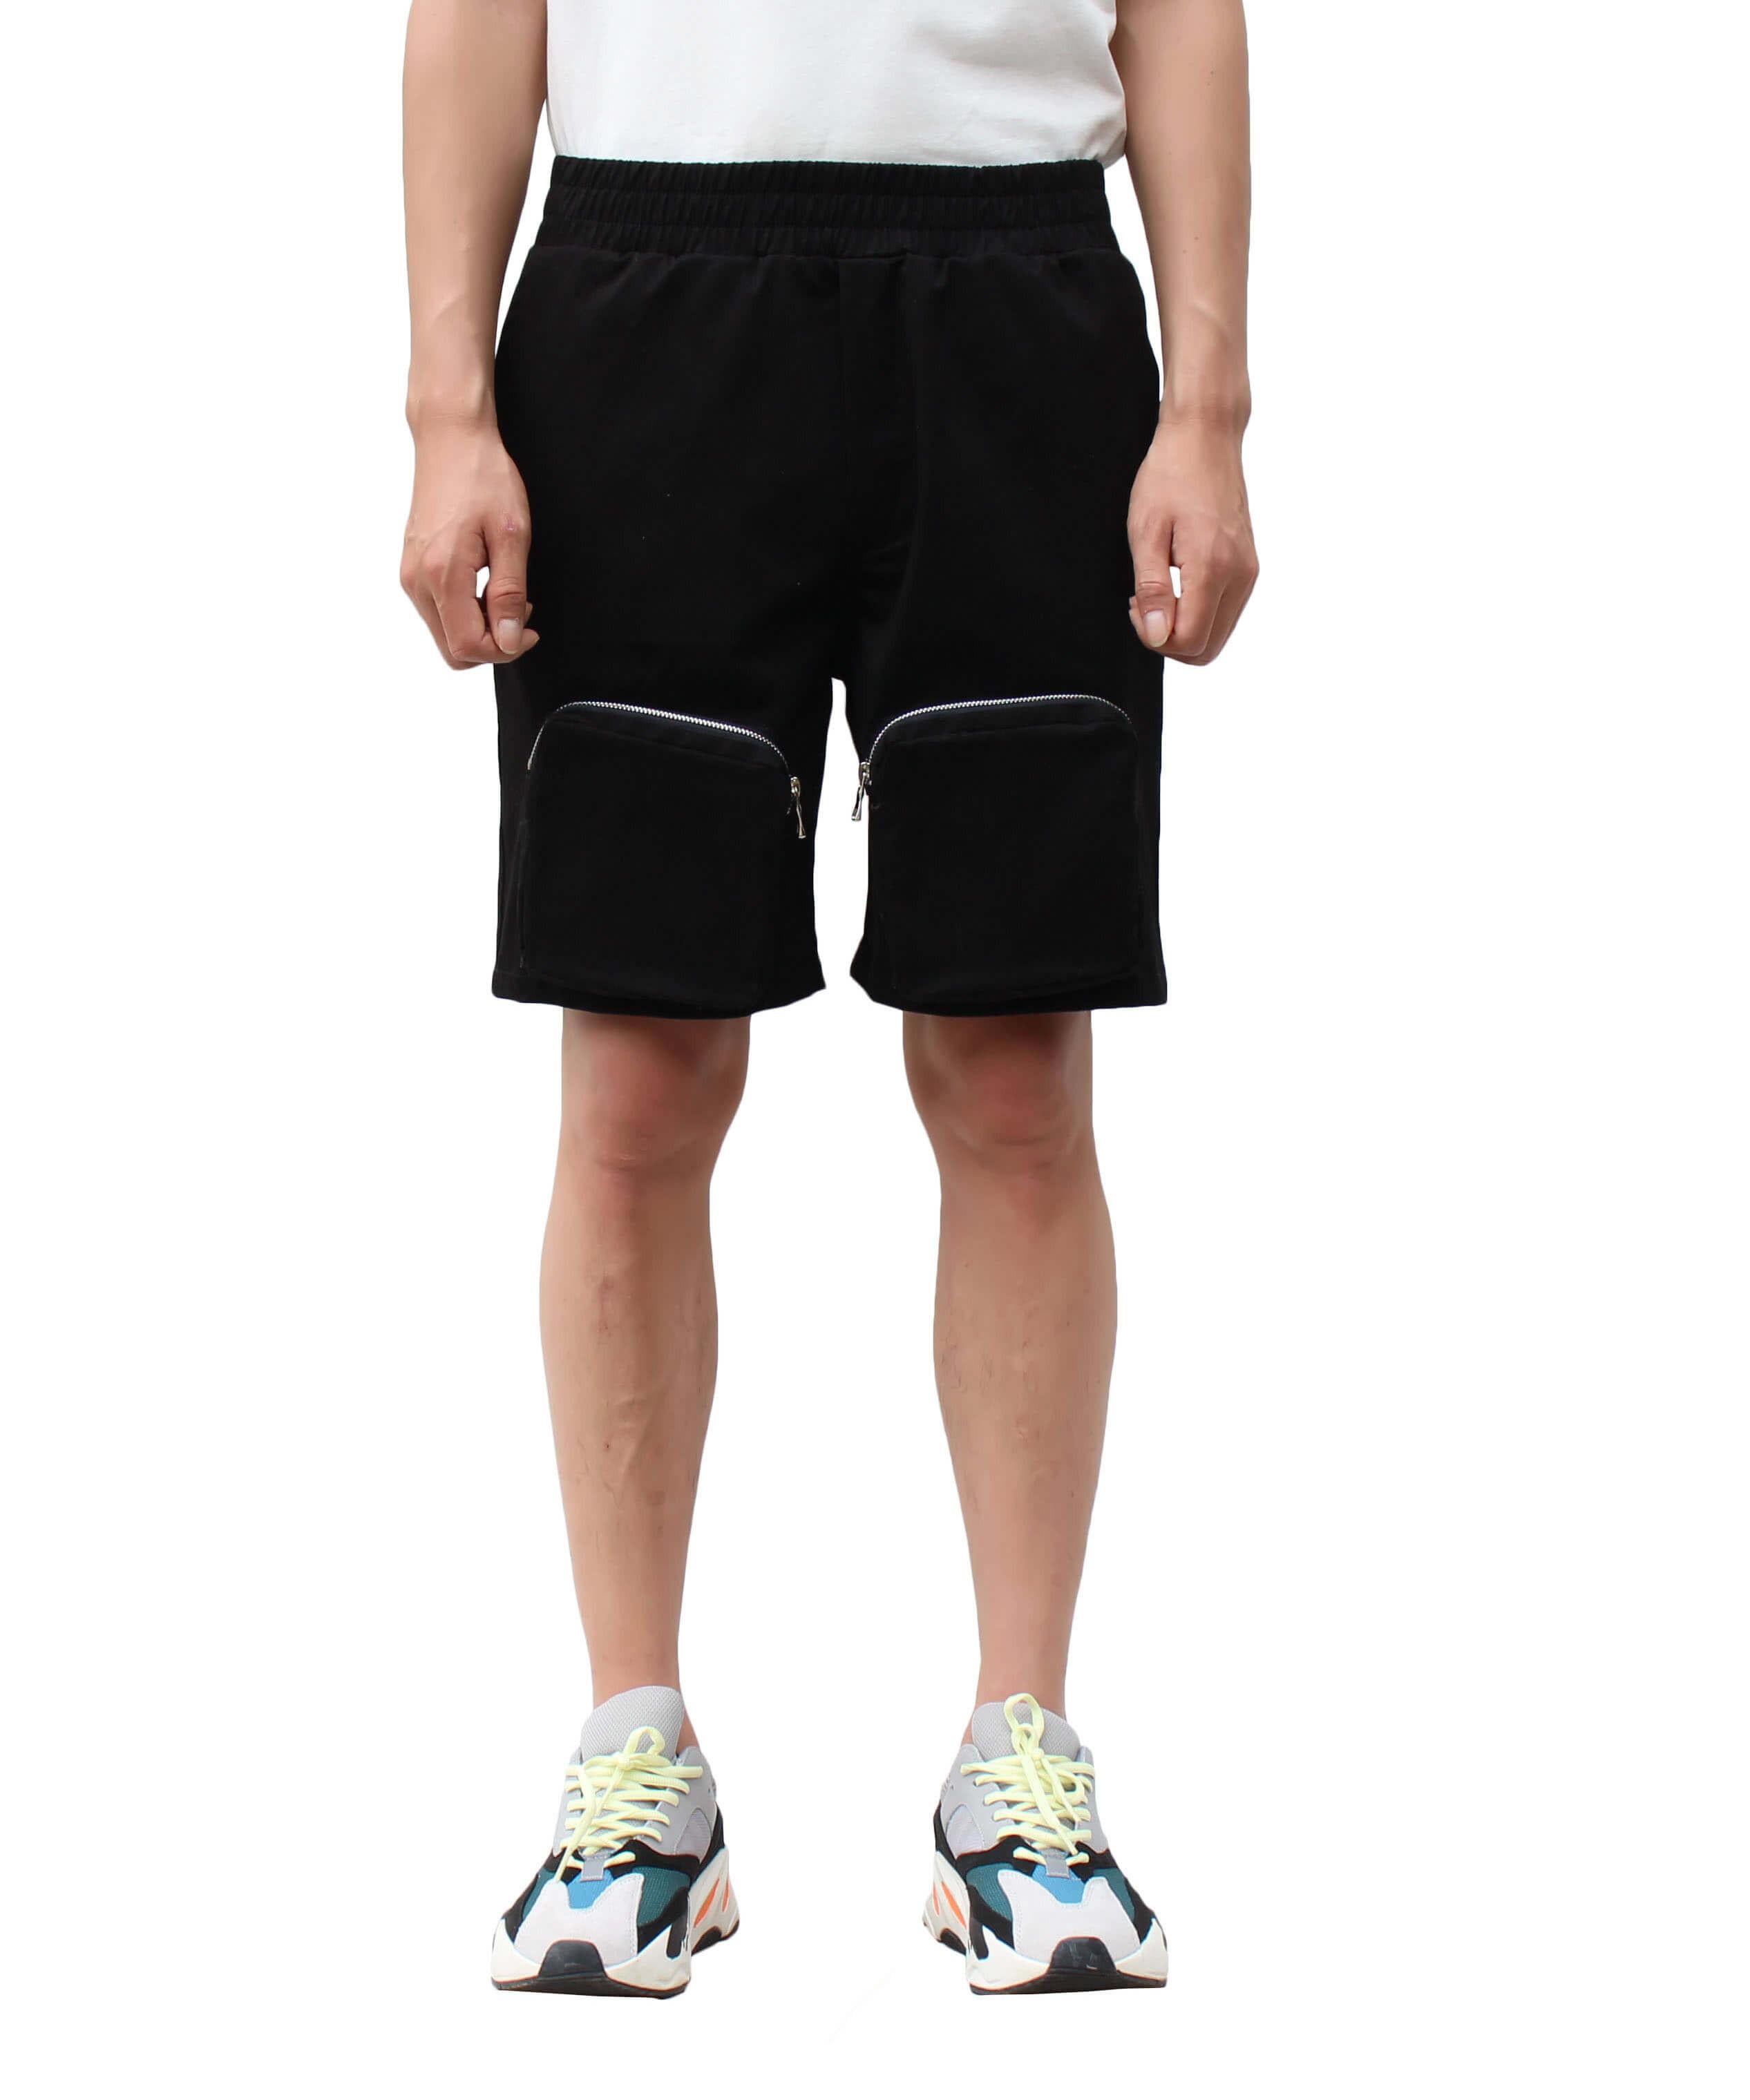 Cargo Shorts V1 - Black